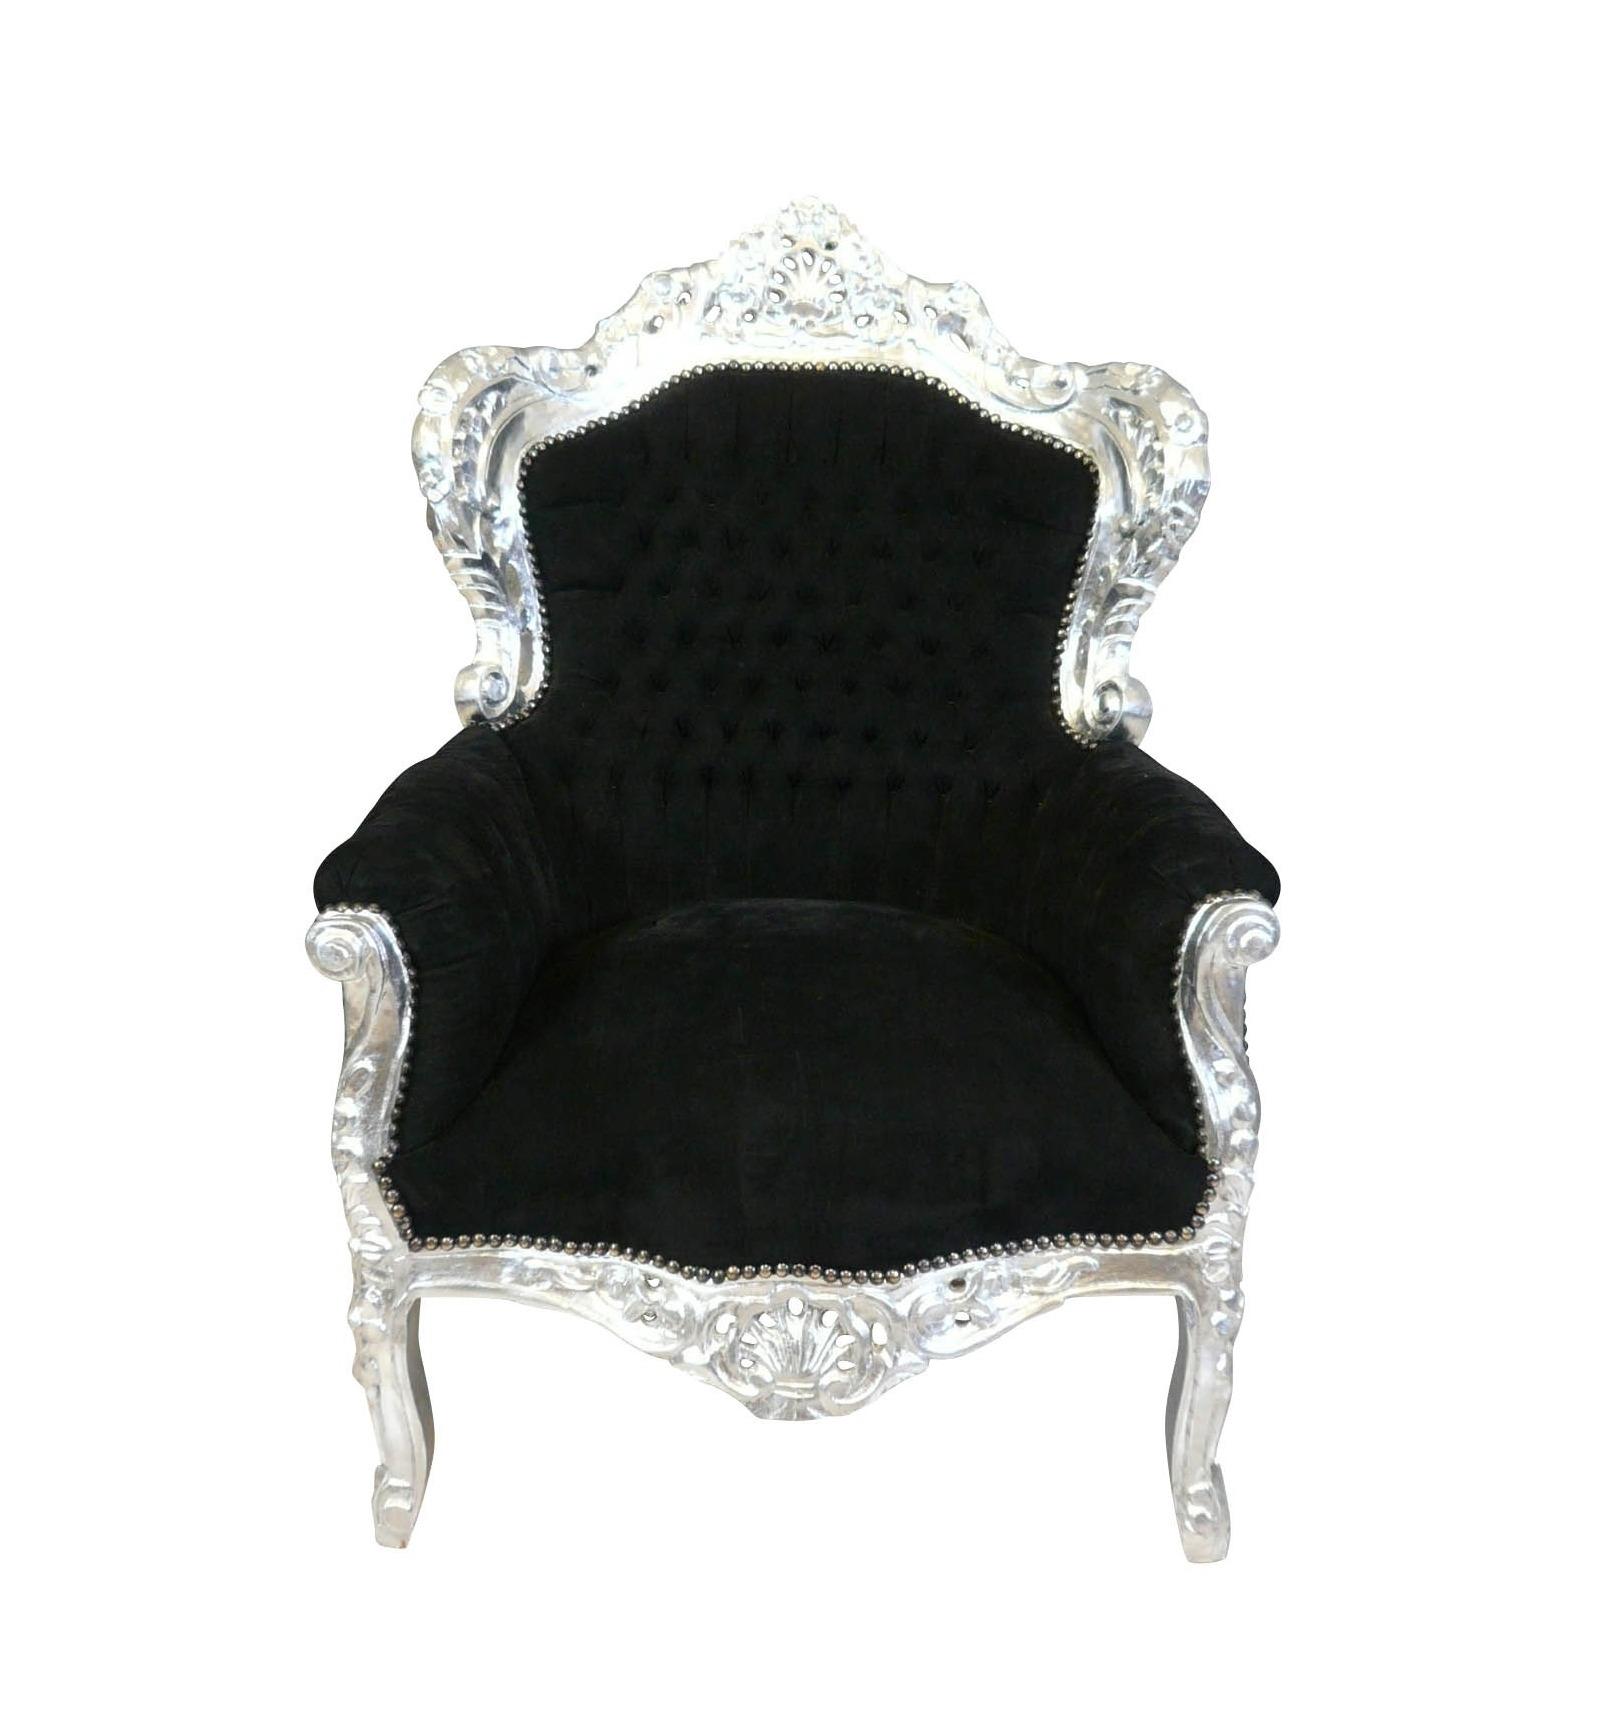 Zilveren Zitzak Stoel.Koninklijke Zwarte Barok Fauteuil In Zilver Gesneden Hout Barok